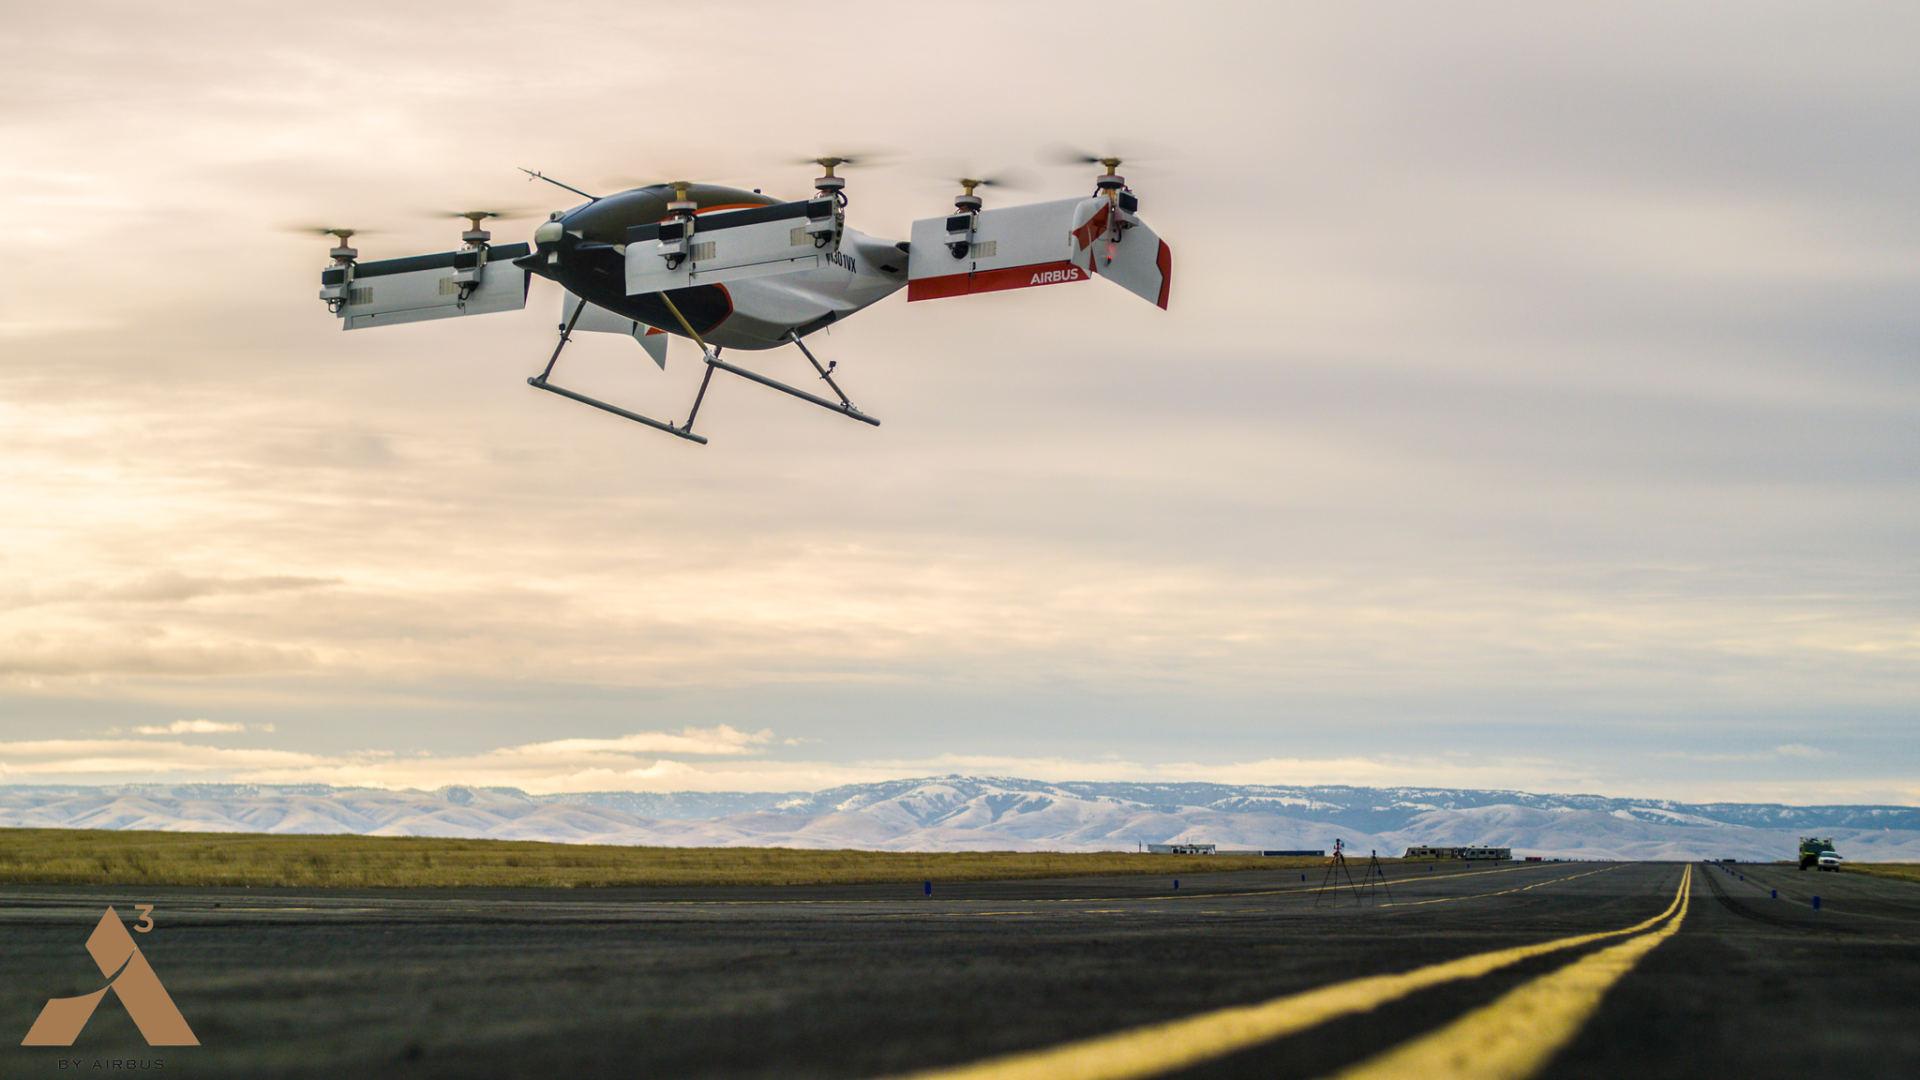 autonomine-skraidykle-vahana-5a7482dfbe9ce